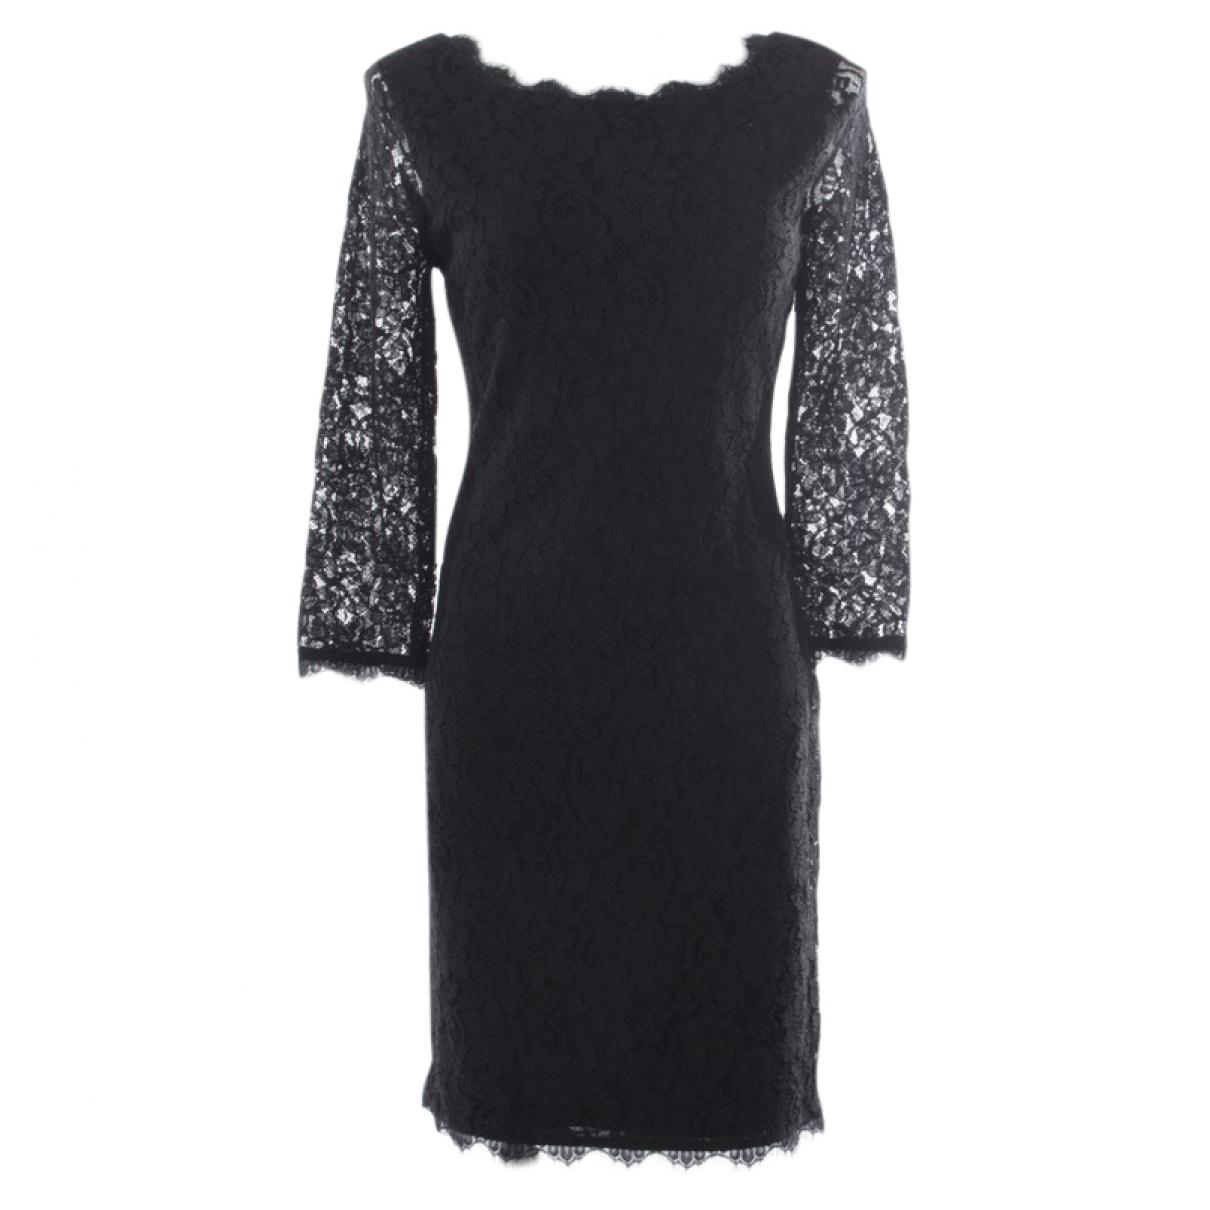 Diane Von Furstenberg \N Black dress for Women 36 FR